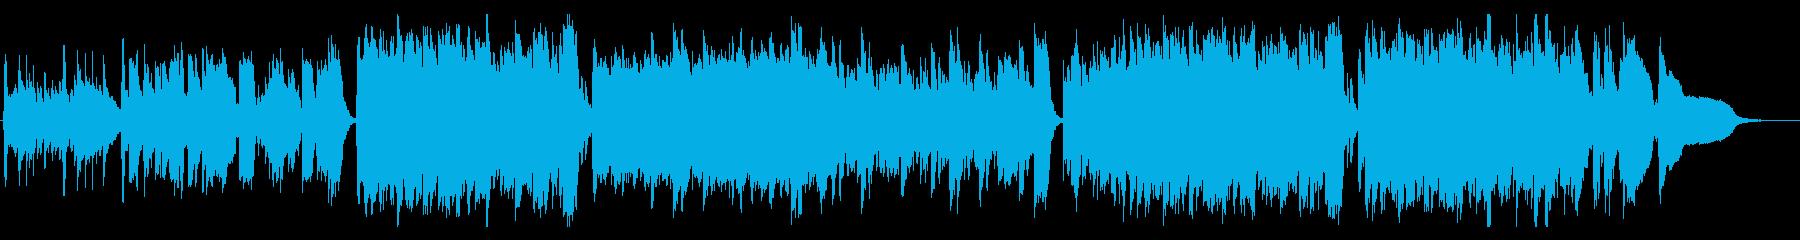 温かい雰囲気の日常アコースティックの再生済みの波形